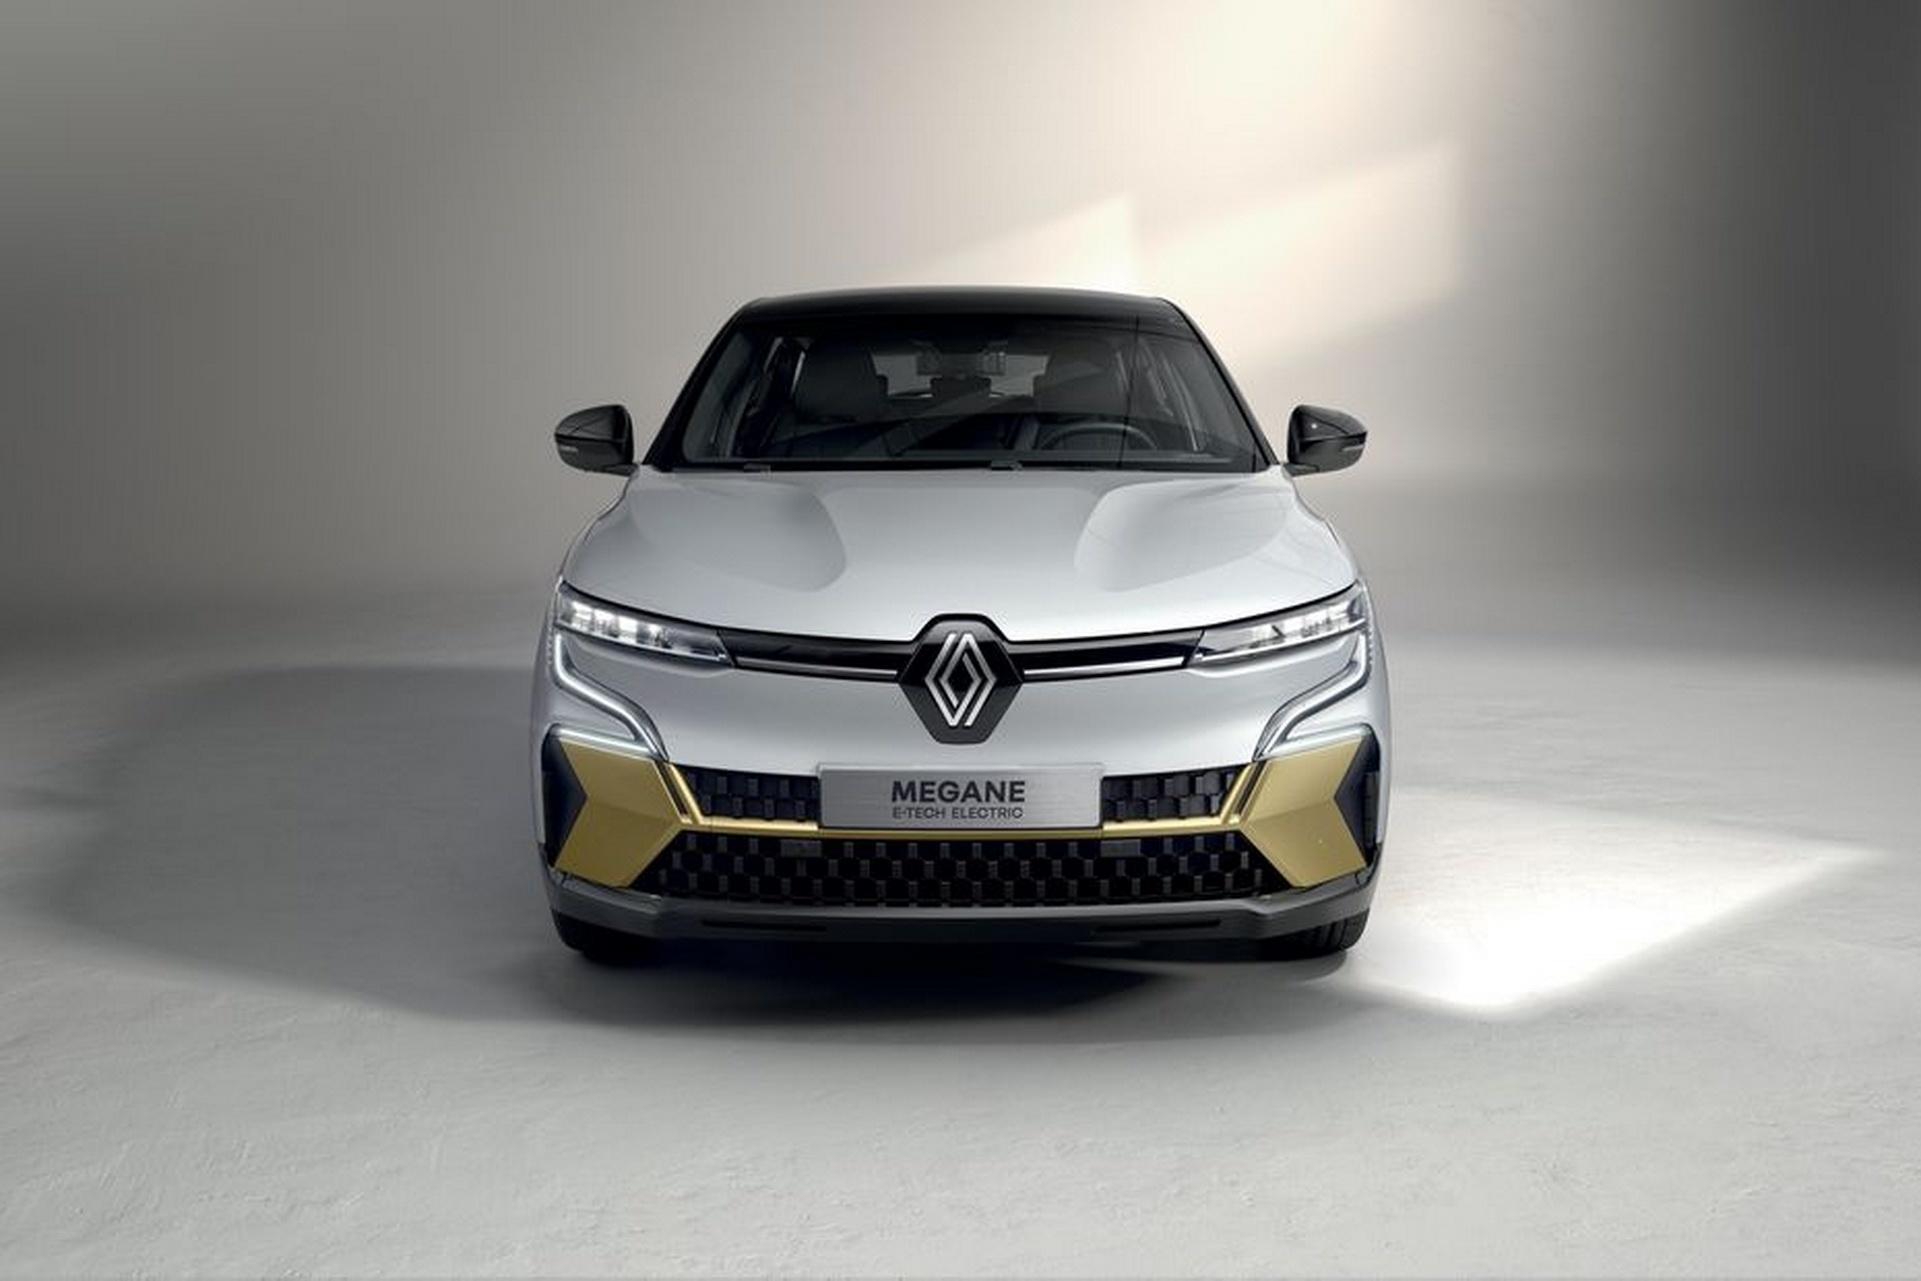 Futurystyczne Renault Megane E-Tech Electric oficjalnie zaprezentowane